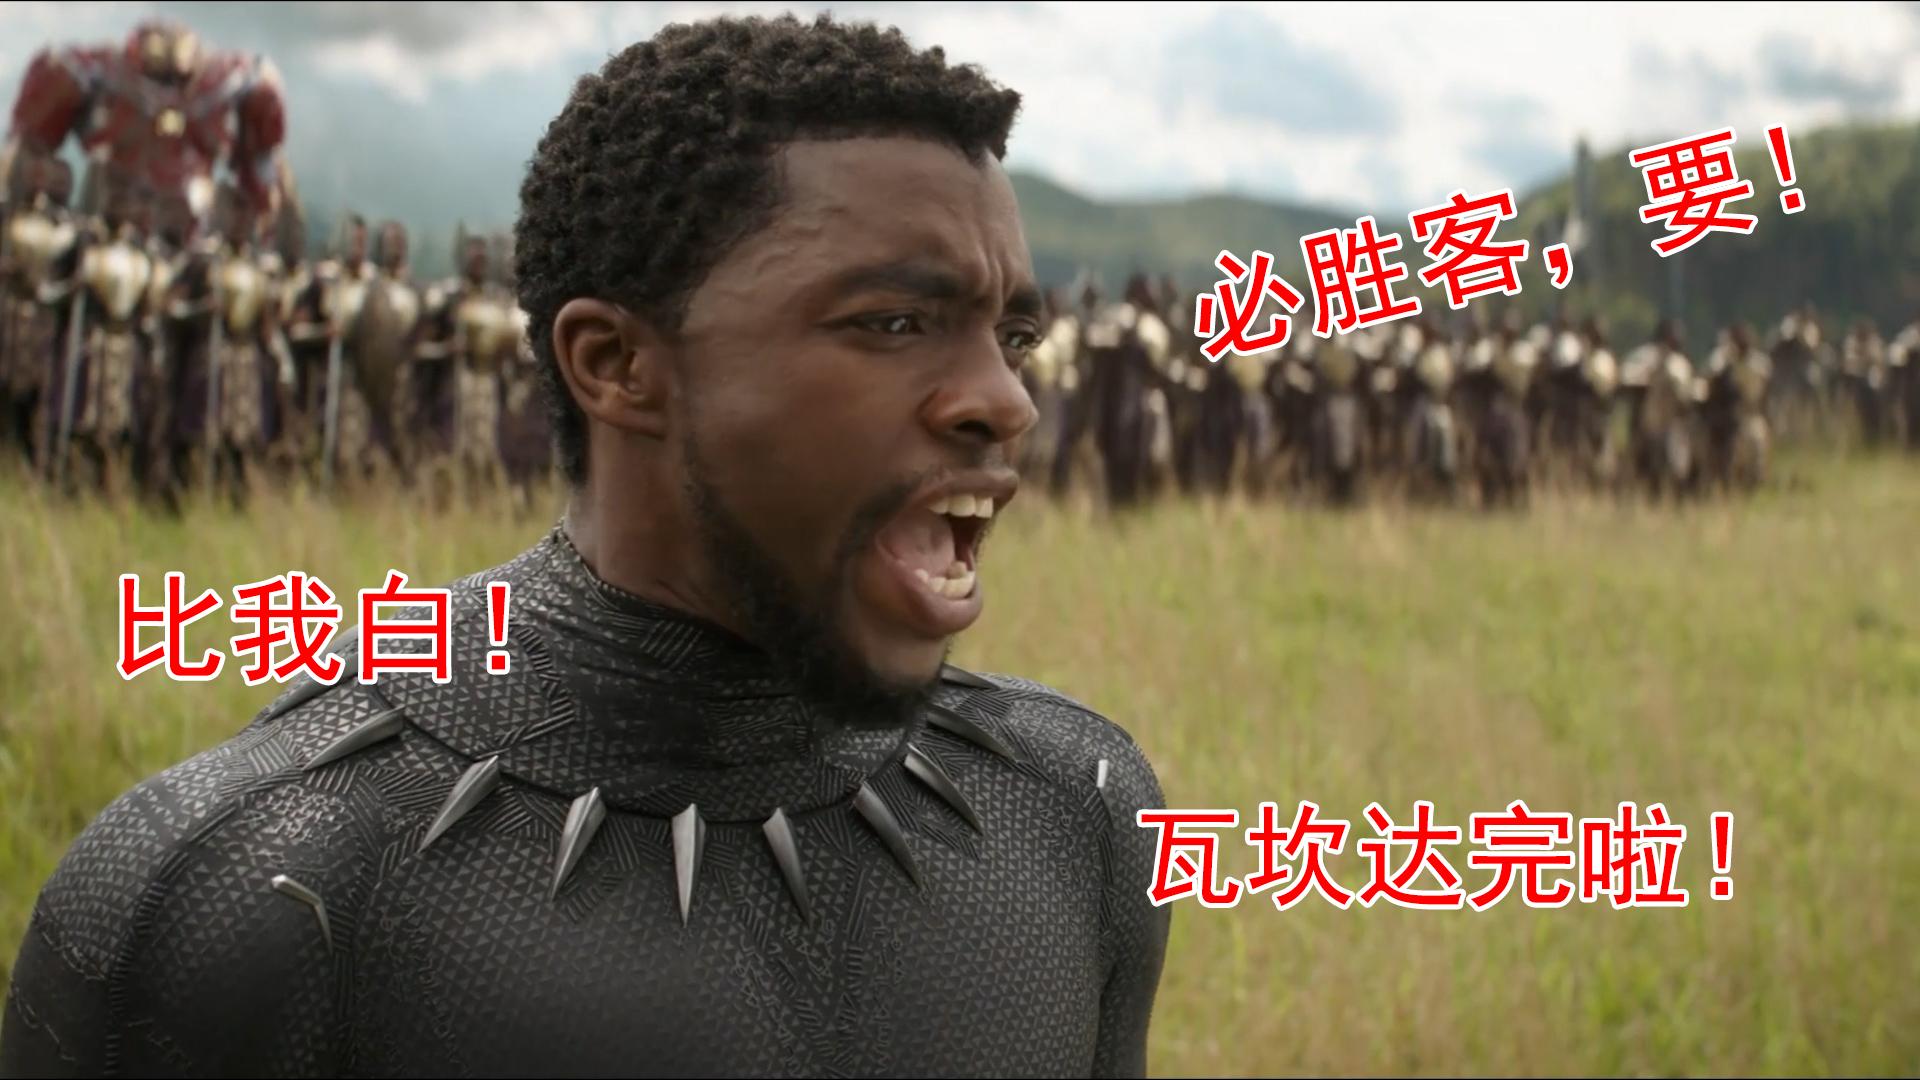 《漫威》电影中的爆笑中文台词:瓦坎达完啦,必胜客,没有方便面